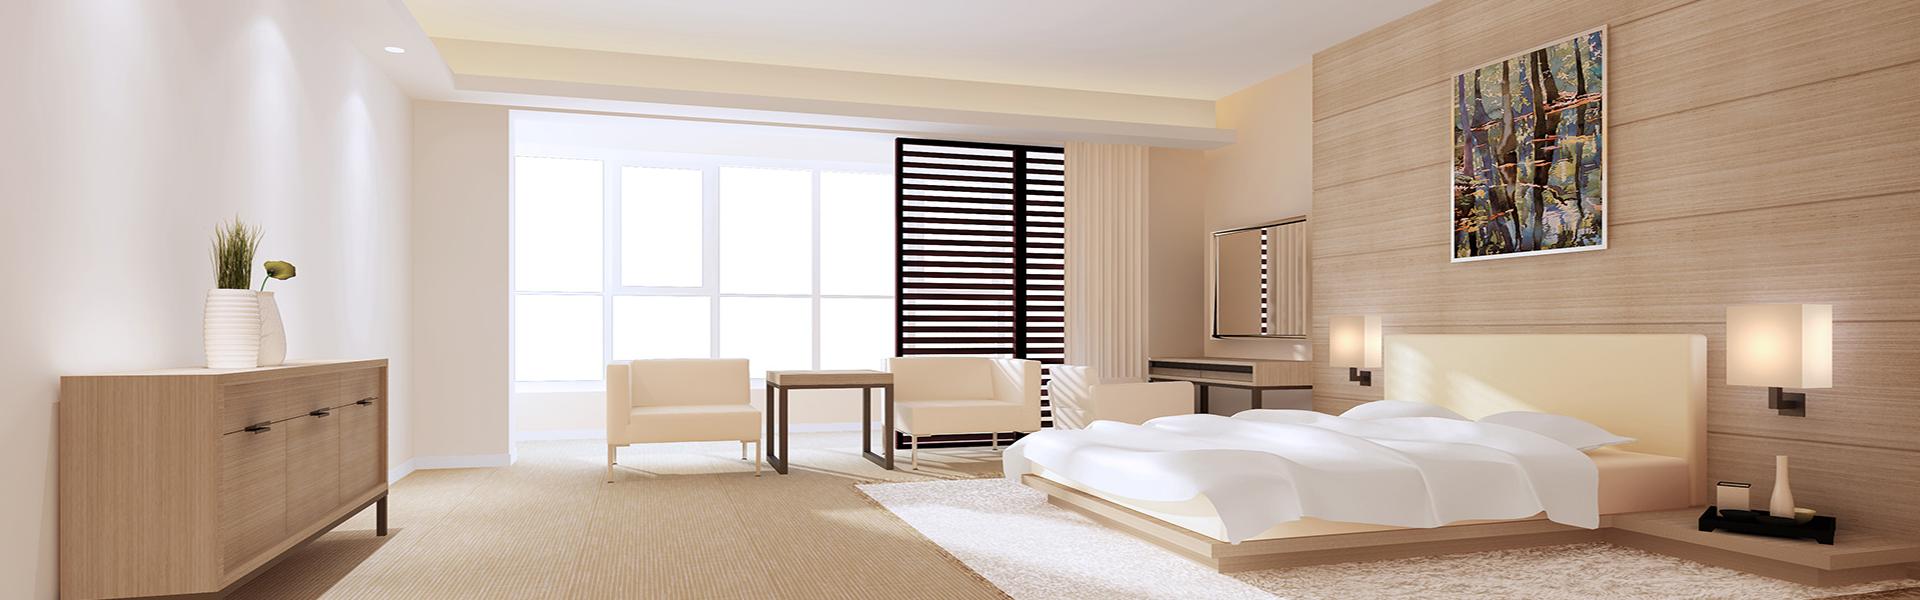 Stanza interni mobili a casa sfondo lampada appartamento